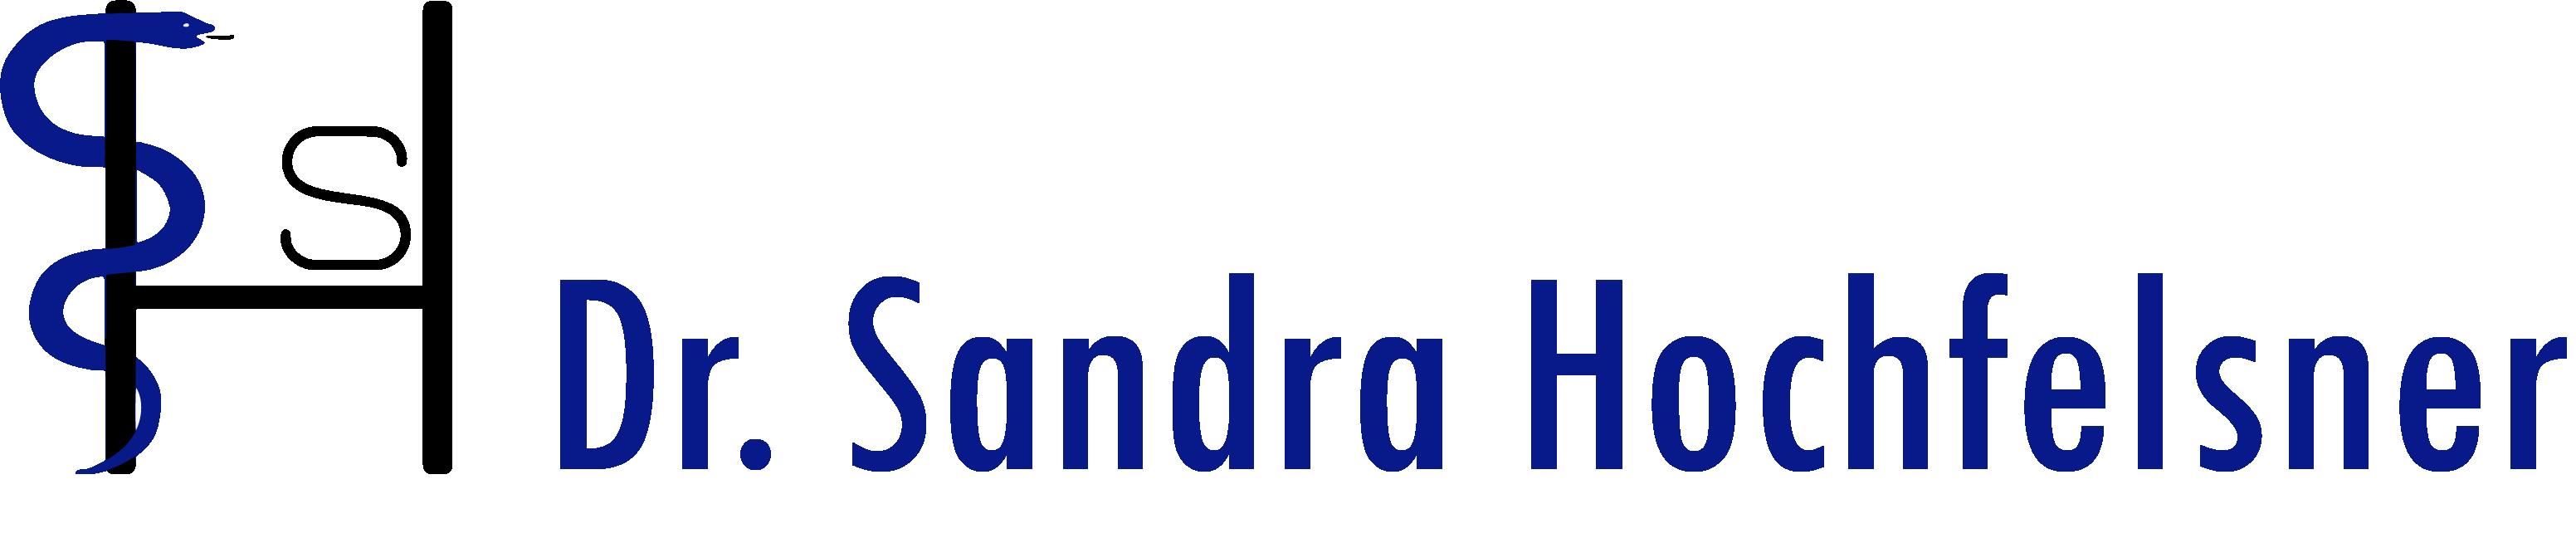 Dr. Sandra Hochfelsner